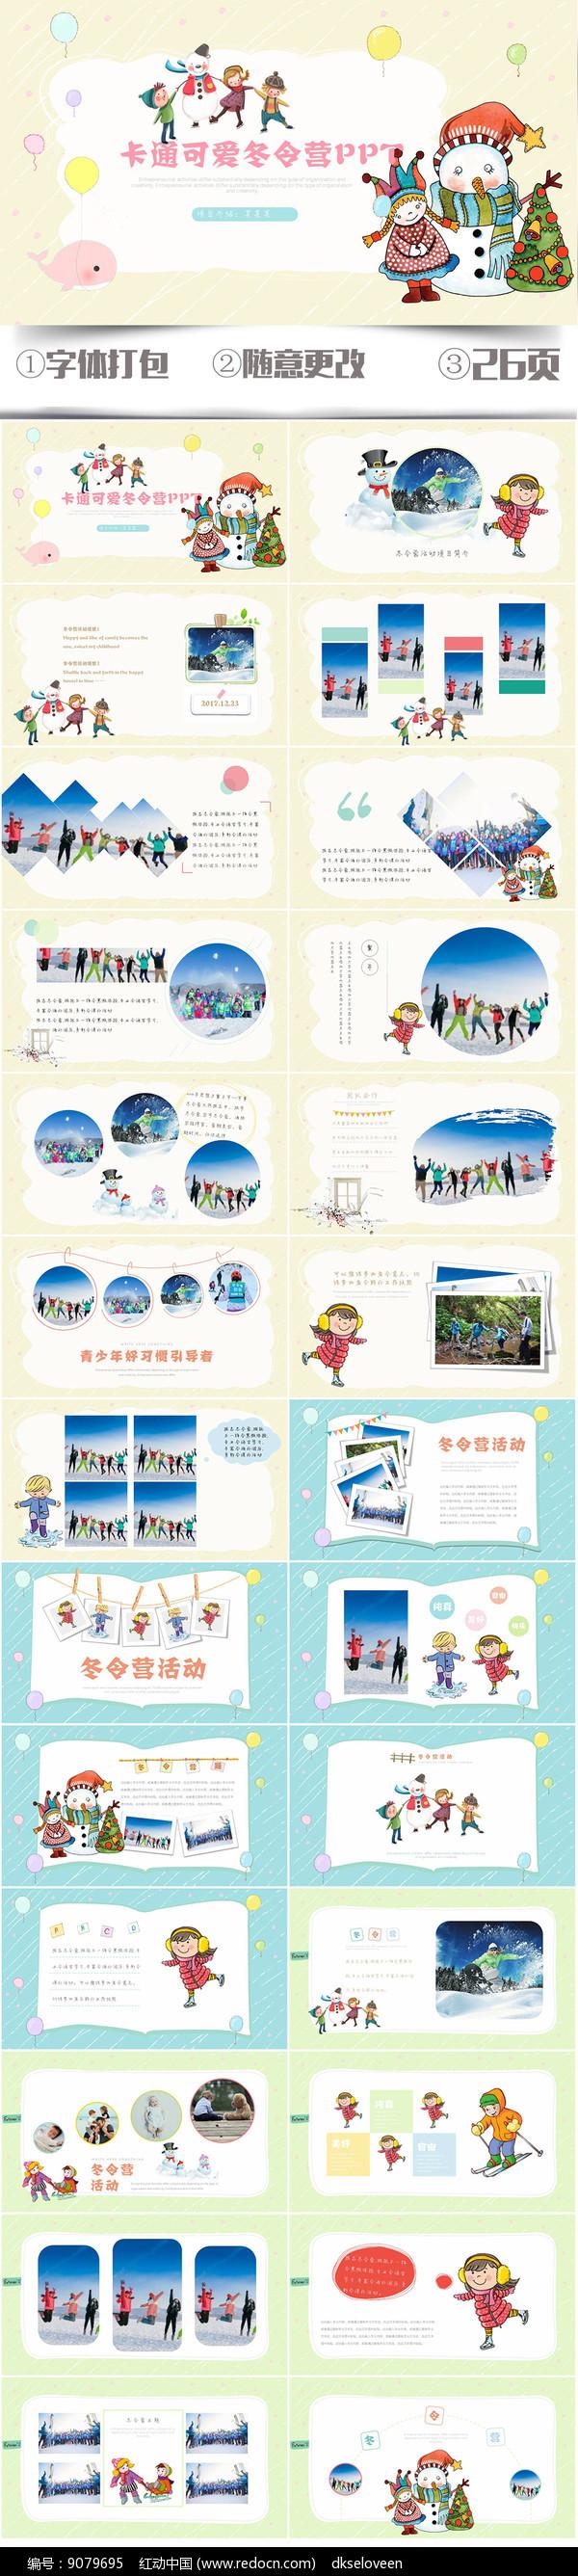 卡通冬令营校园活动招生PPT图片